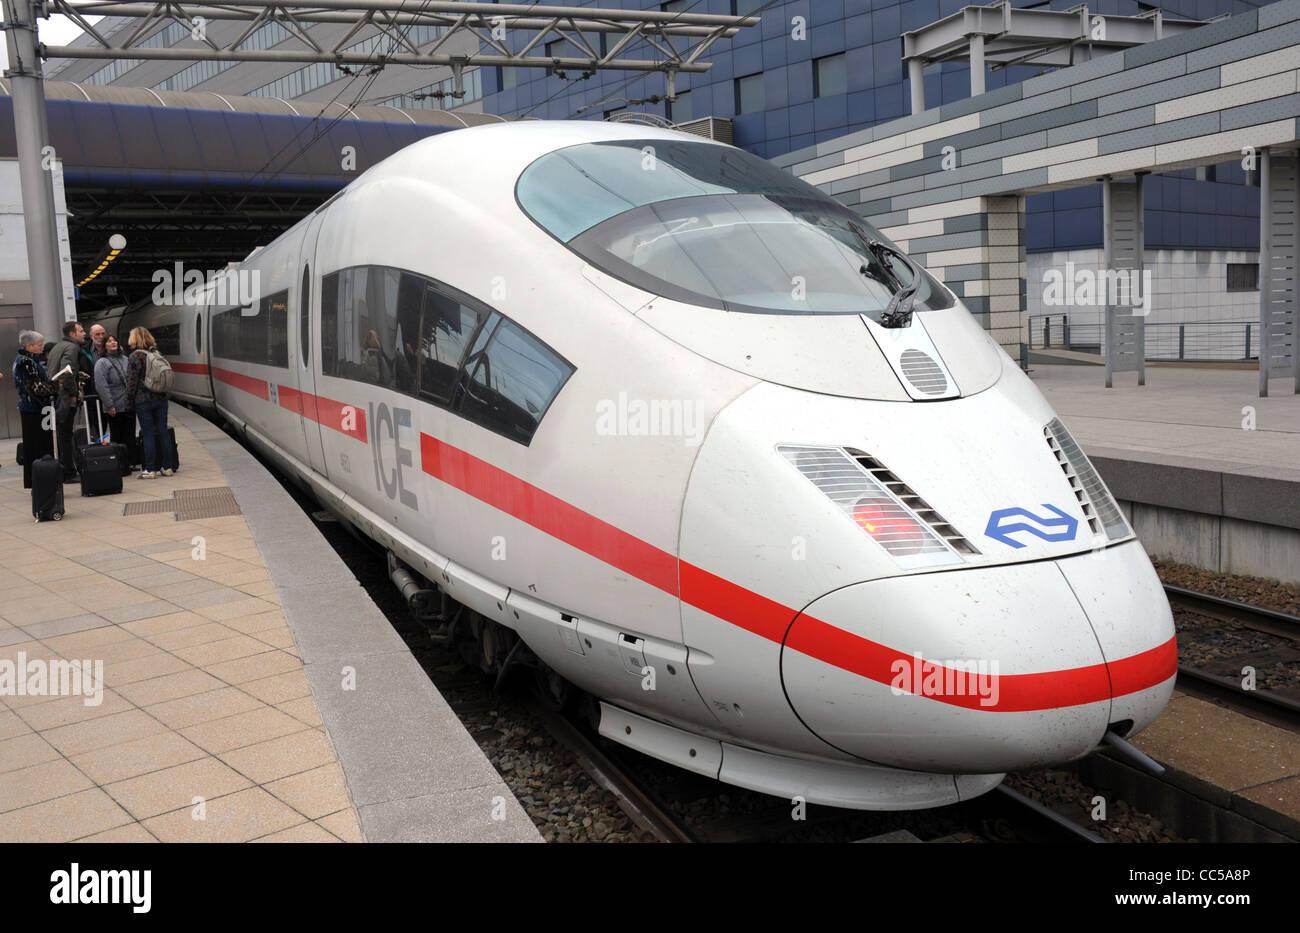 ICE-Zuges, ICE-Zuges der Deutschen Bahn (Deutsche Bahn) Stockbild